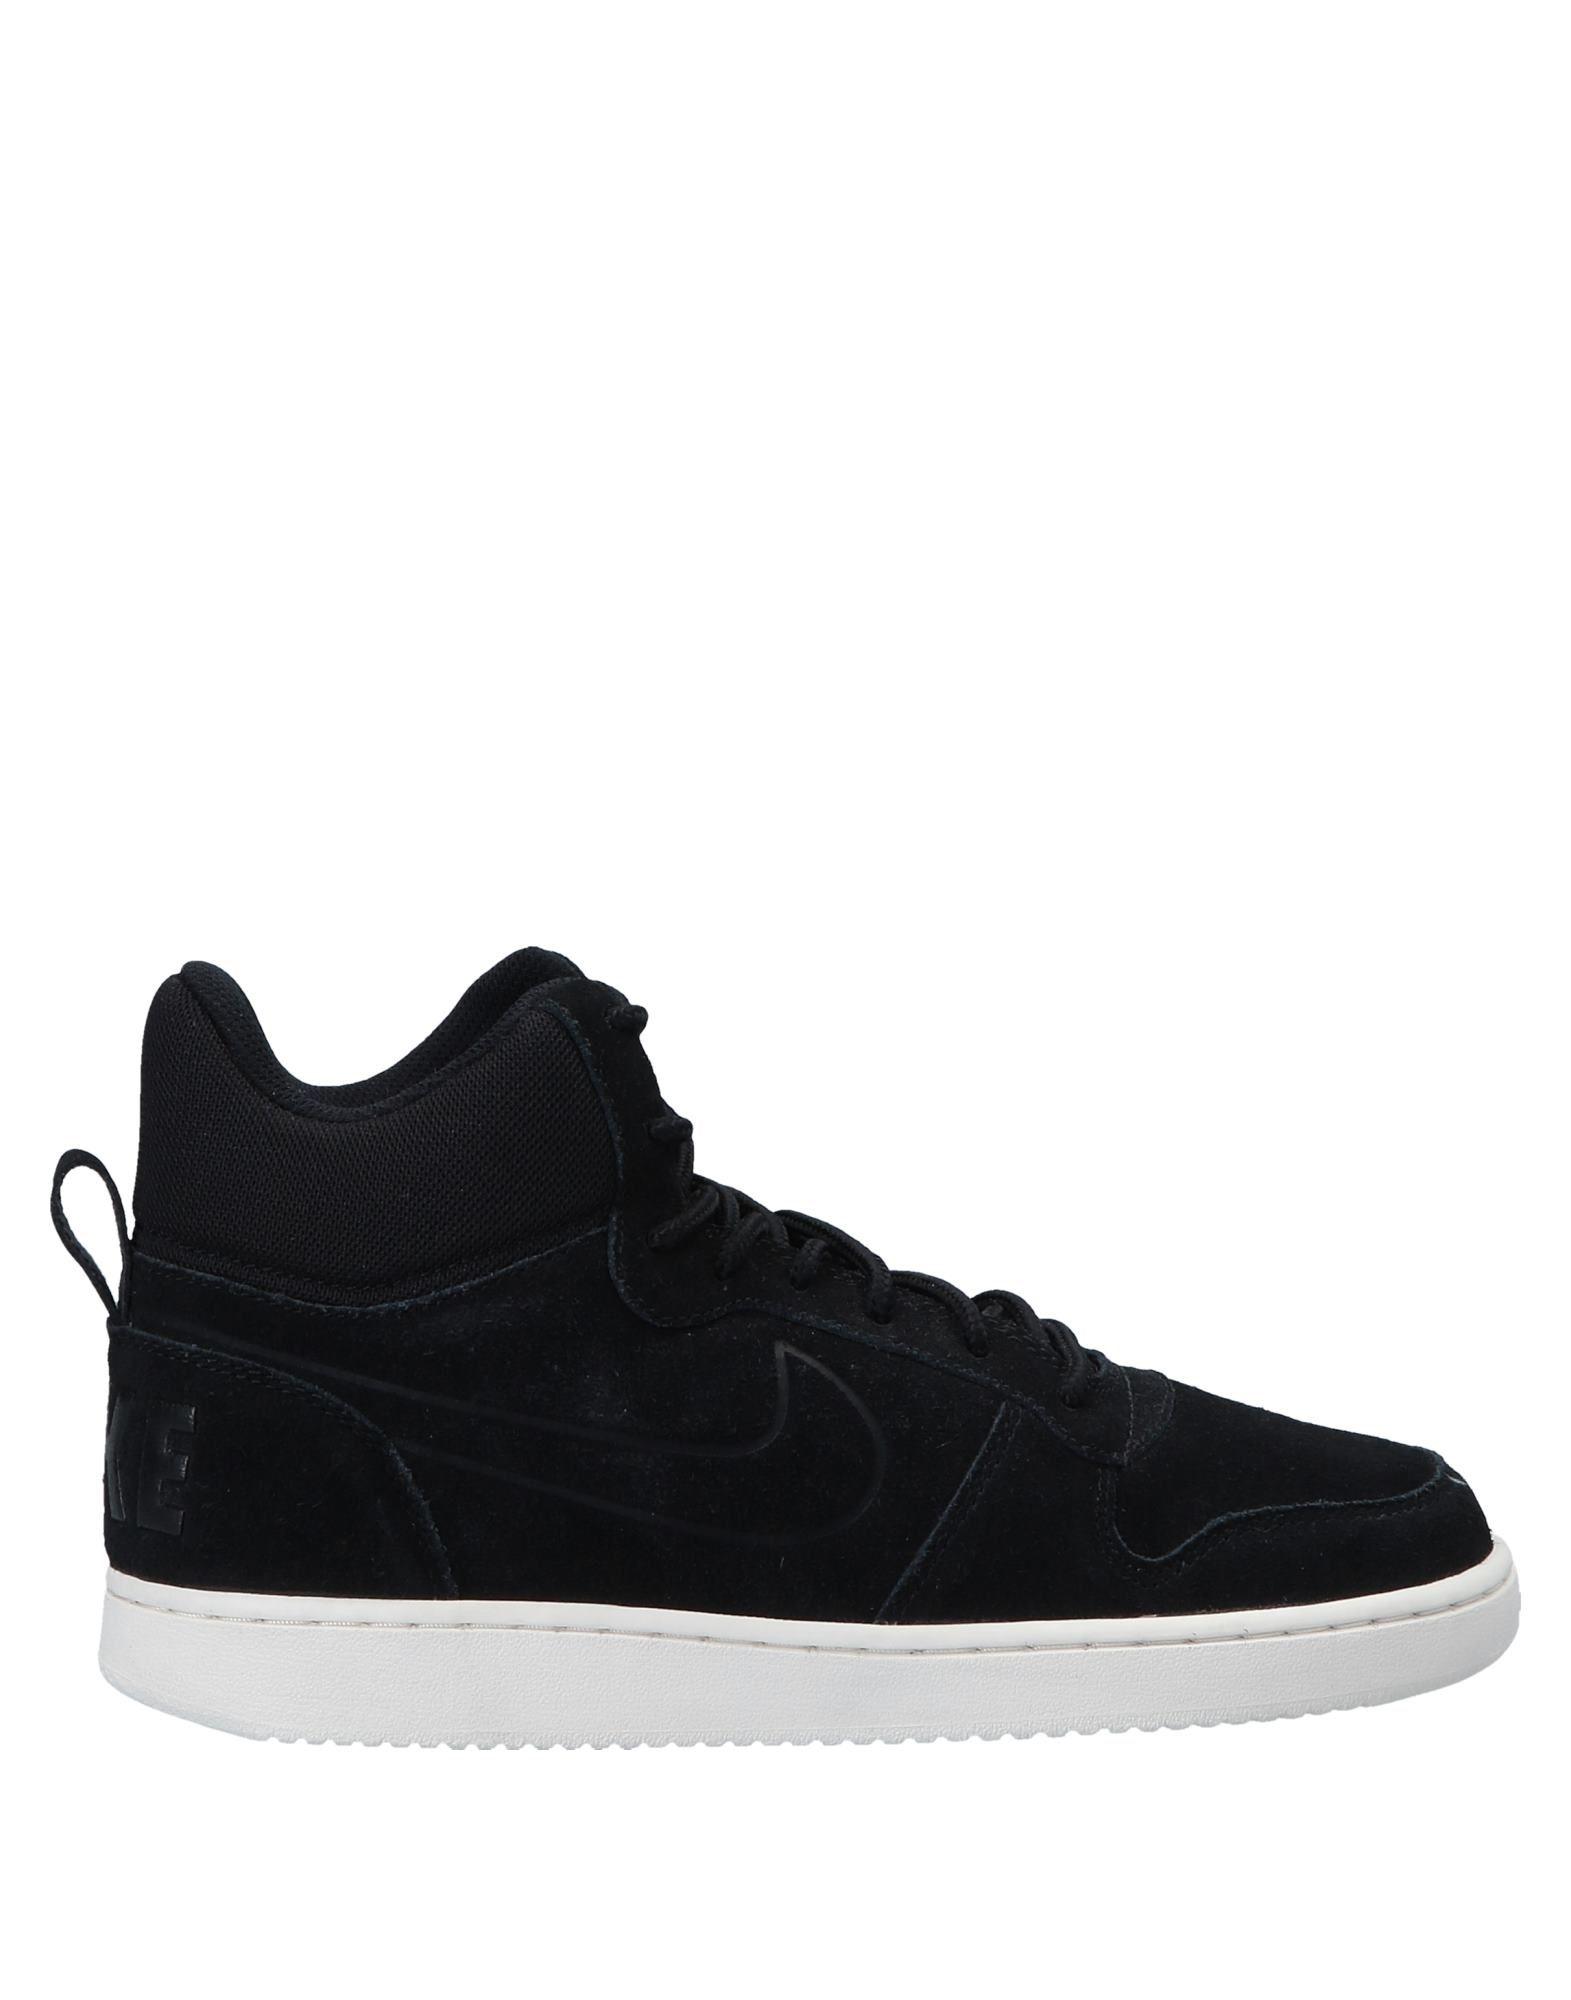 Sneakers Nike Uomo - 11547387TM Scarpe economiche e buone